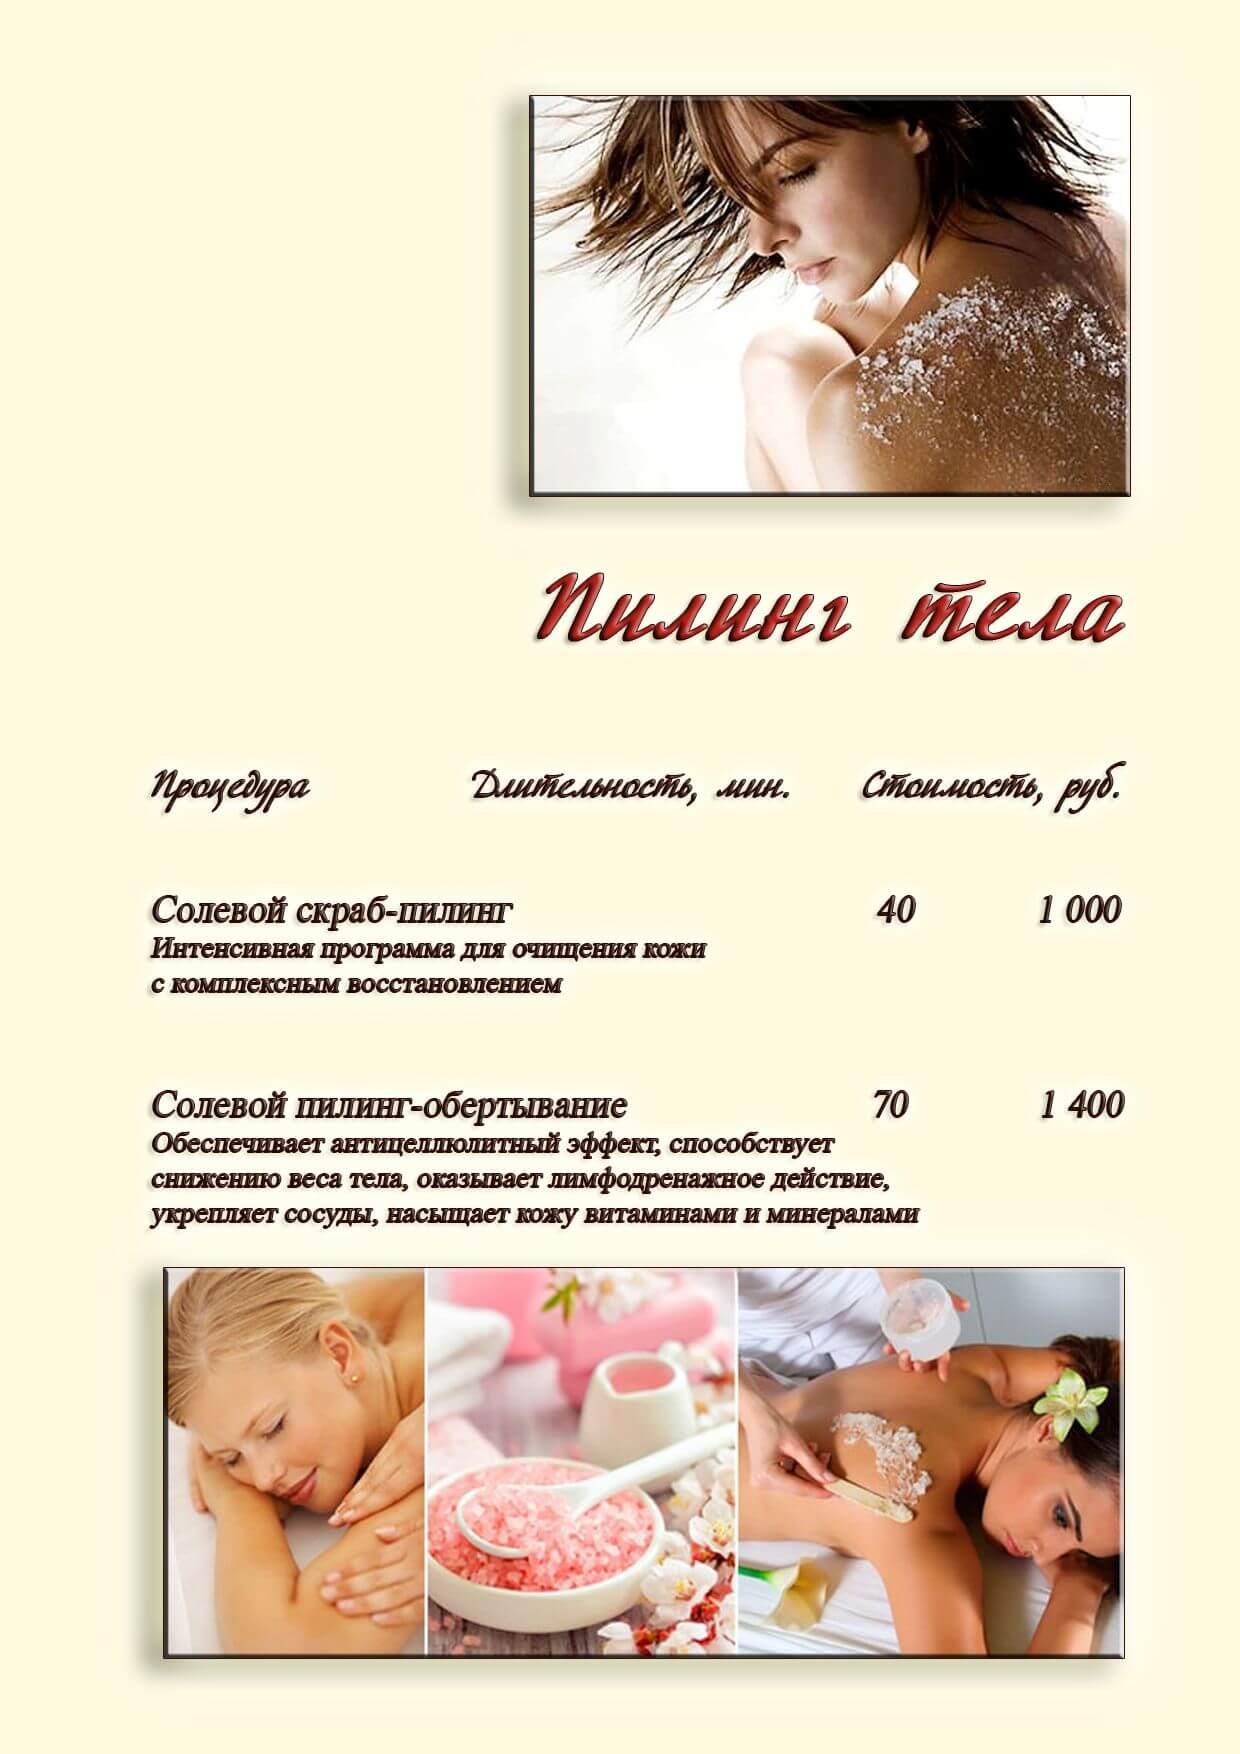 Цены на уход за телом - Гранд отель Гагра - отель европейского уровня в Абхазии (Grand Hotel Gagra)